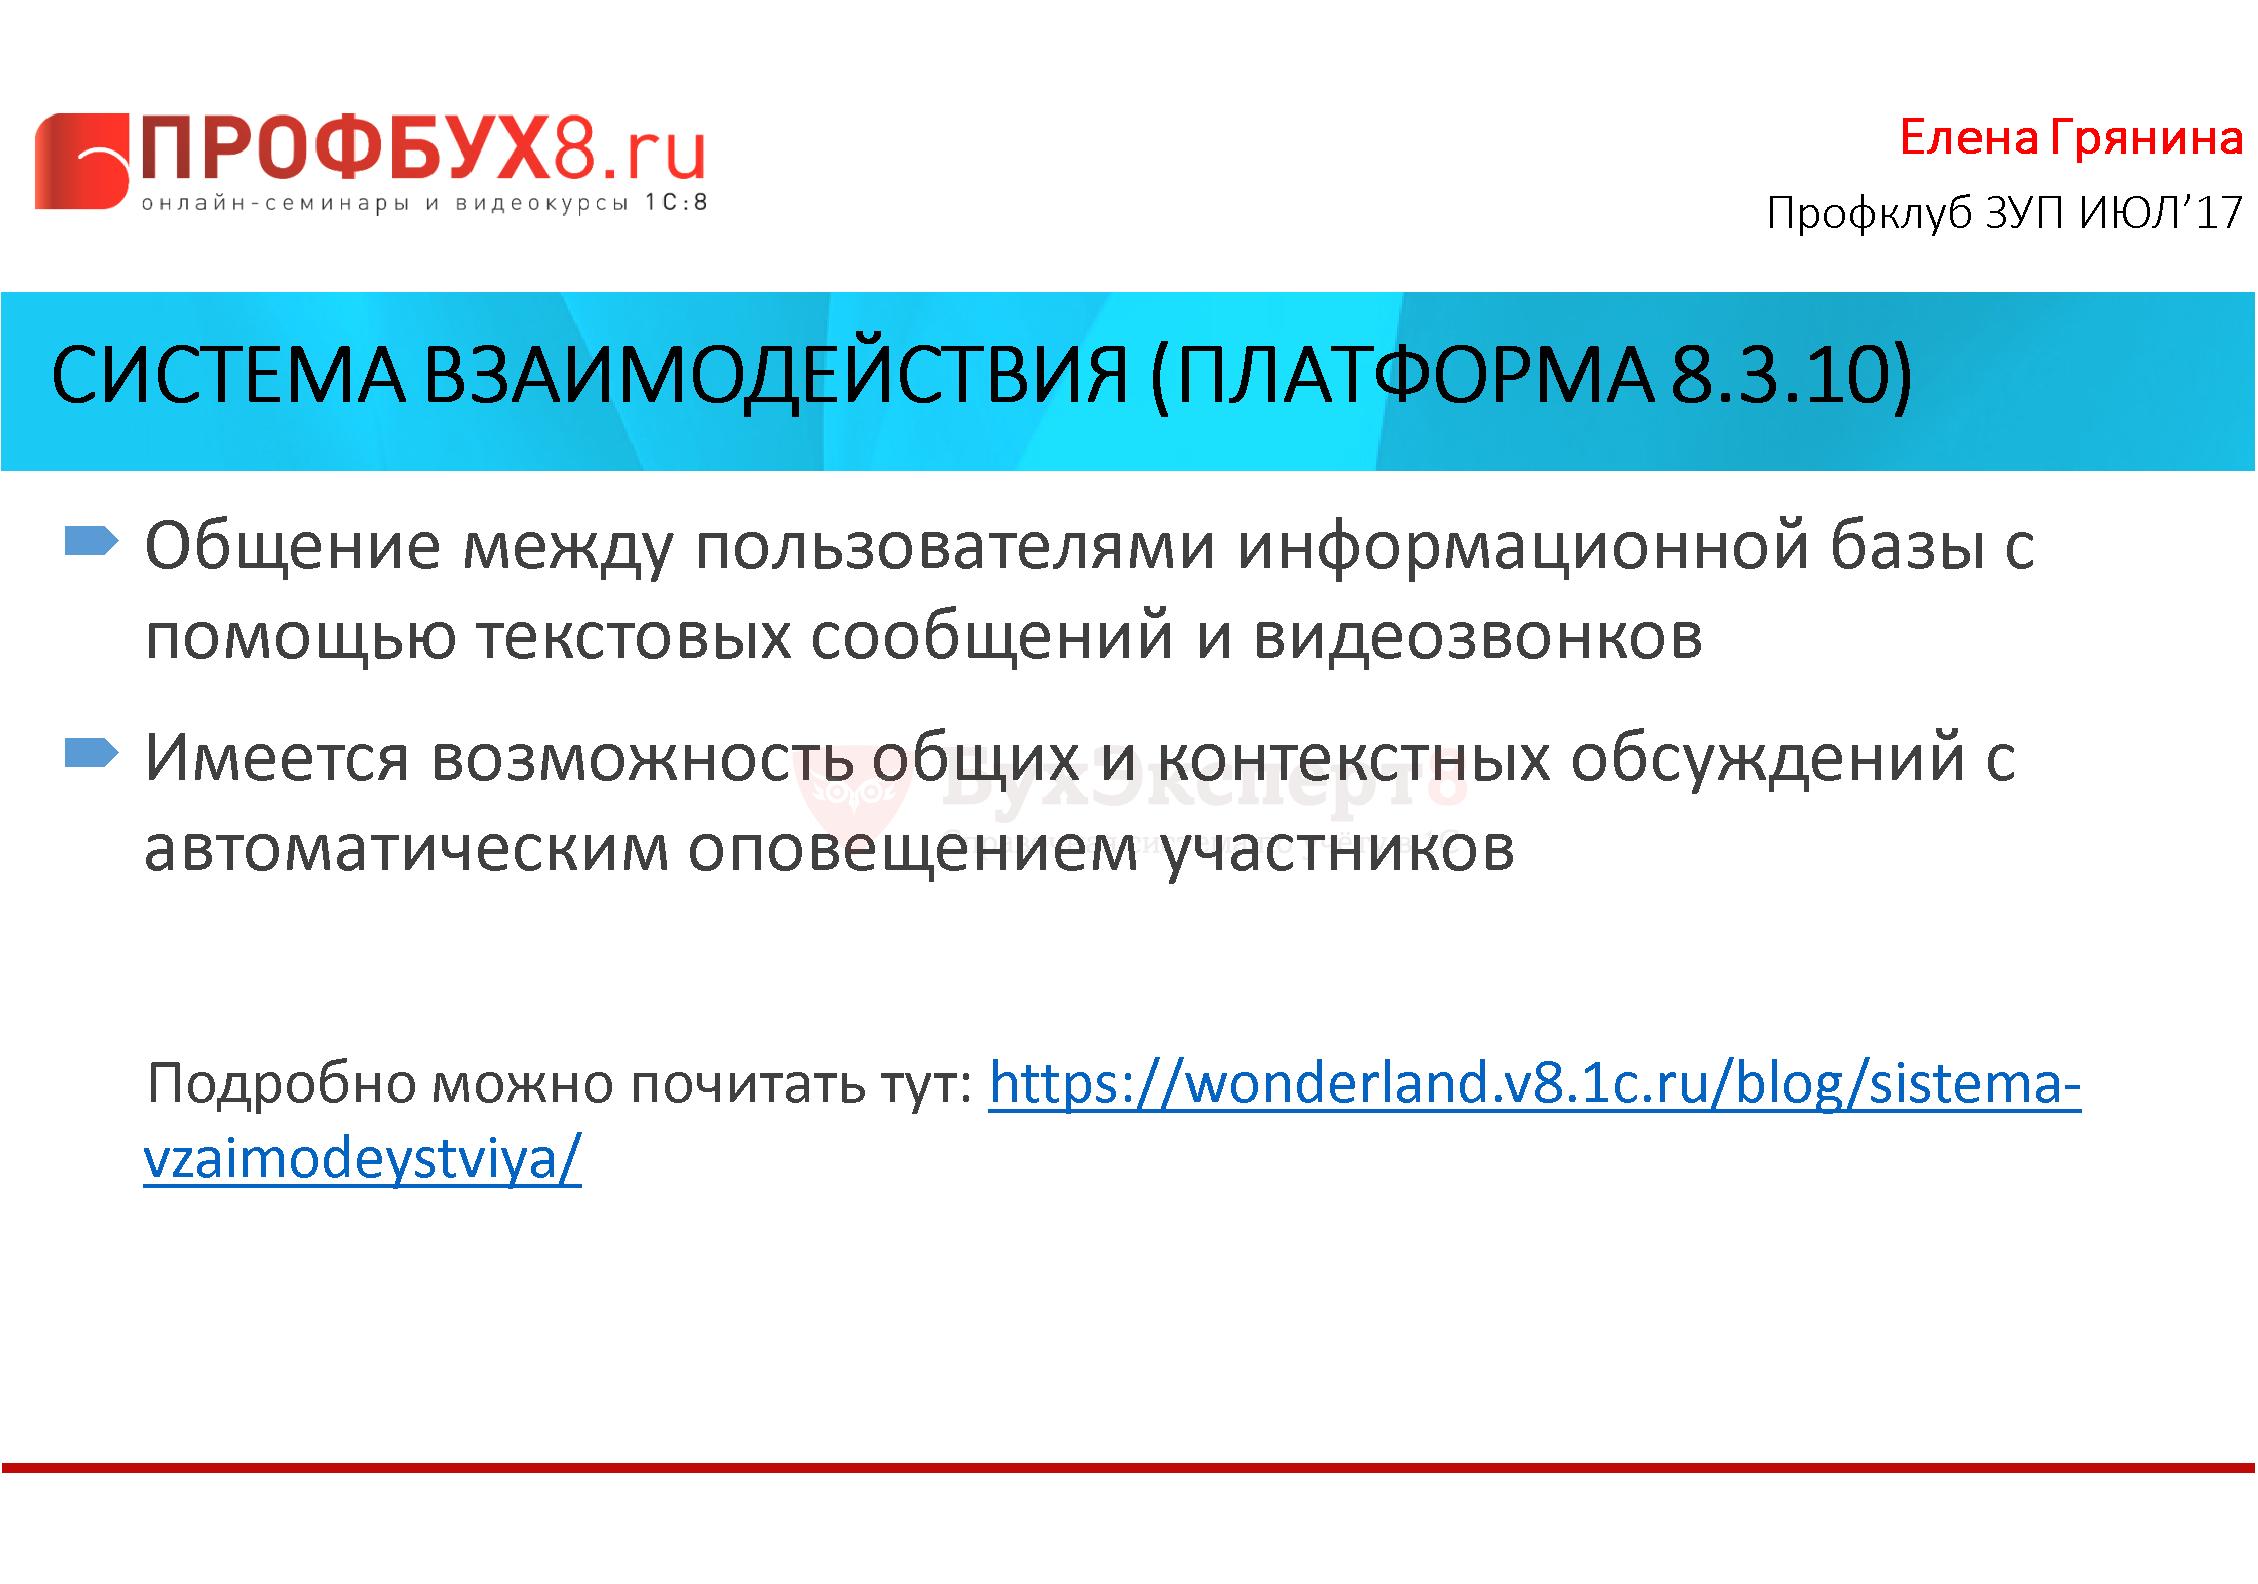 Система взаимодействия (платформа 8.3.10) Общение между пользователями информационной базы с помощью текстовых сообщений и видеозвонков Имеется возможность общих и контекстных обсуждений с автоматическим оповещением участников Подробно можно почитать тут: https://wonderland.v8.1c.ru/blog/sistema-vzaimodeystviya/